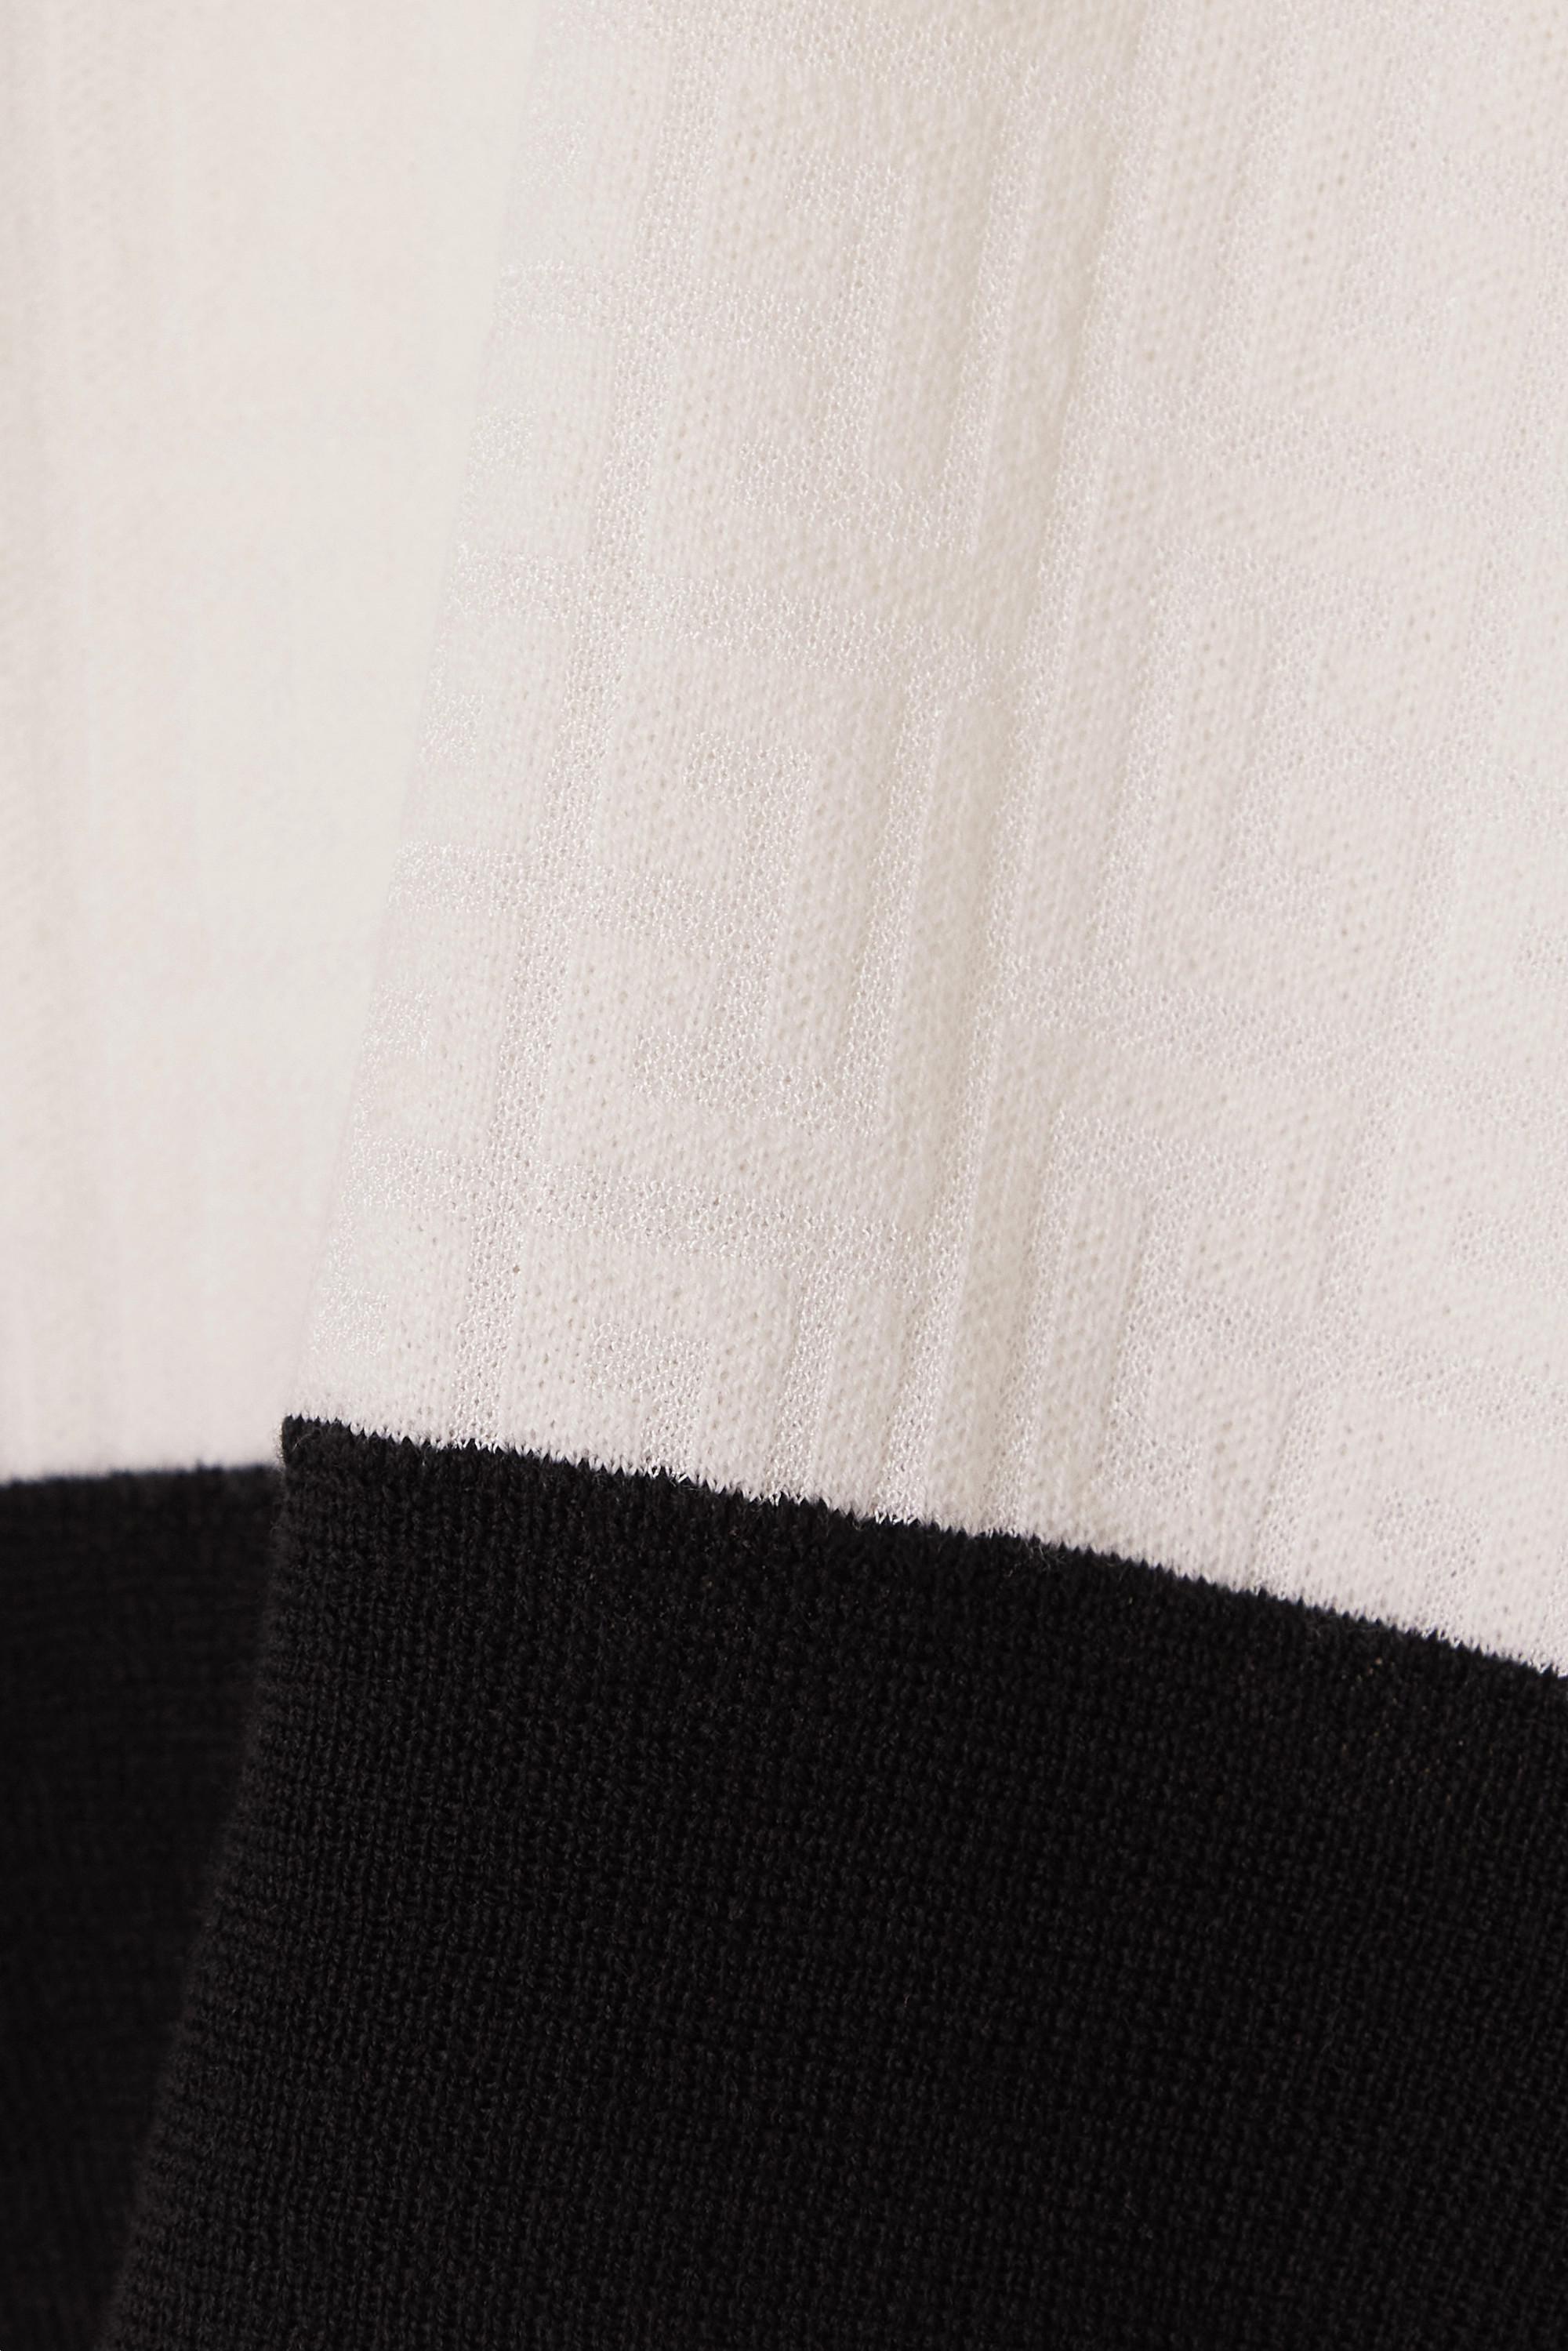 Balmain Haut raccourci en mailles jacquard de laine mélangée bicolore